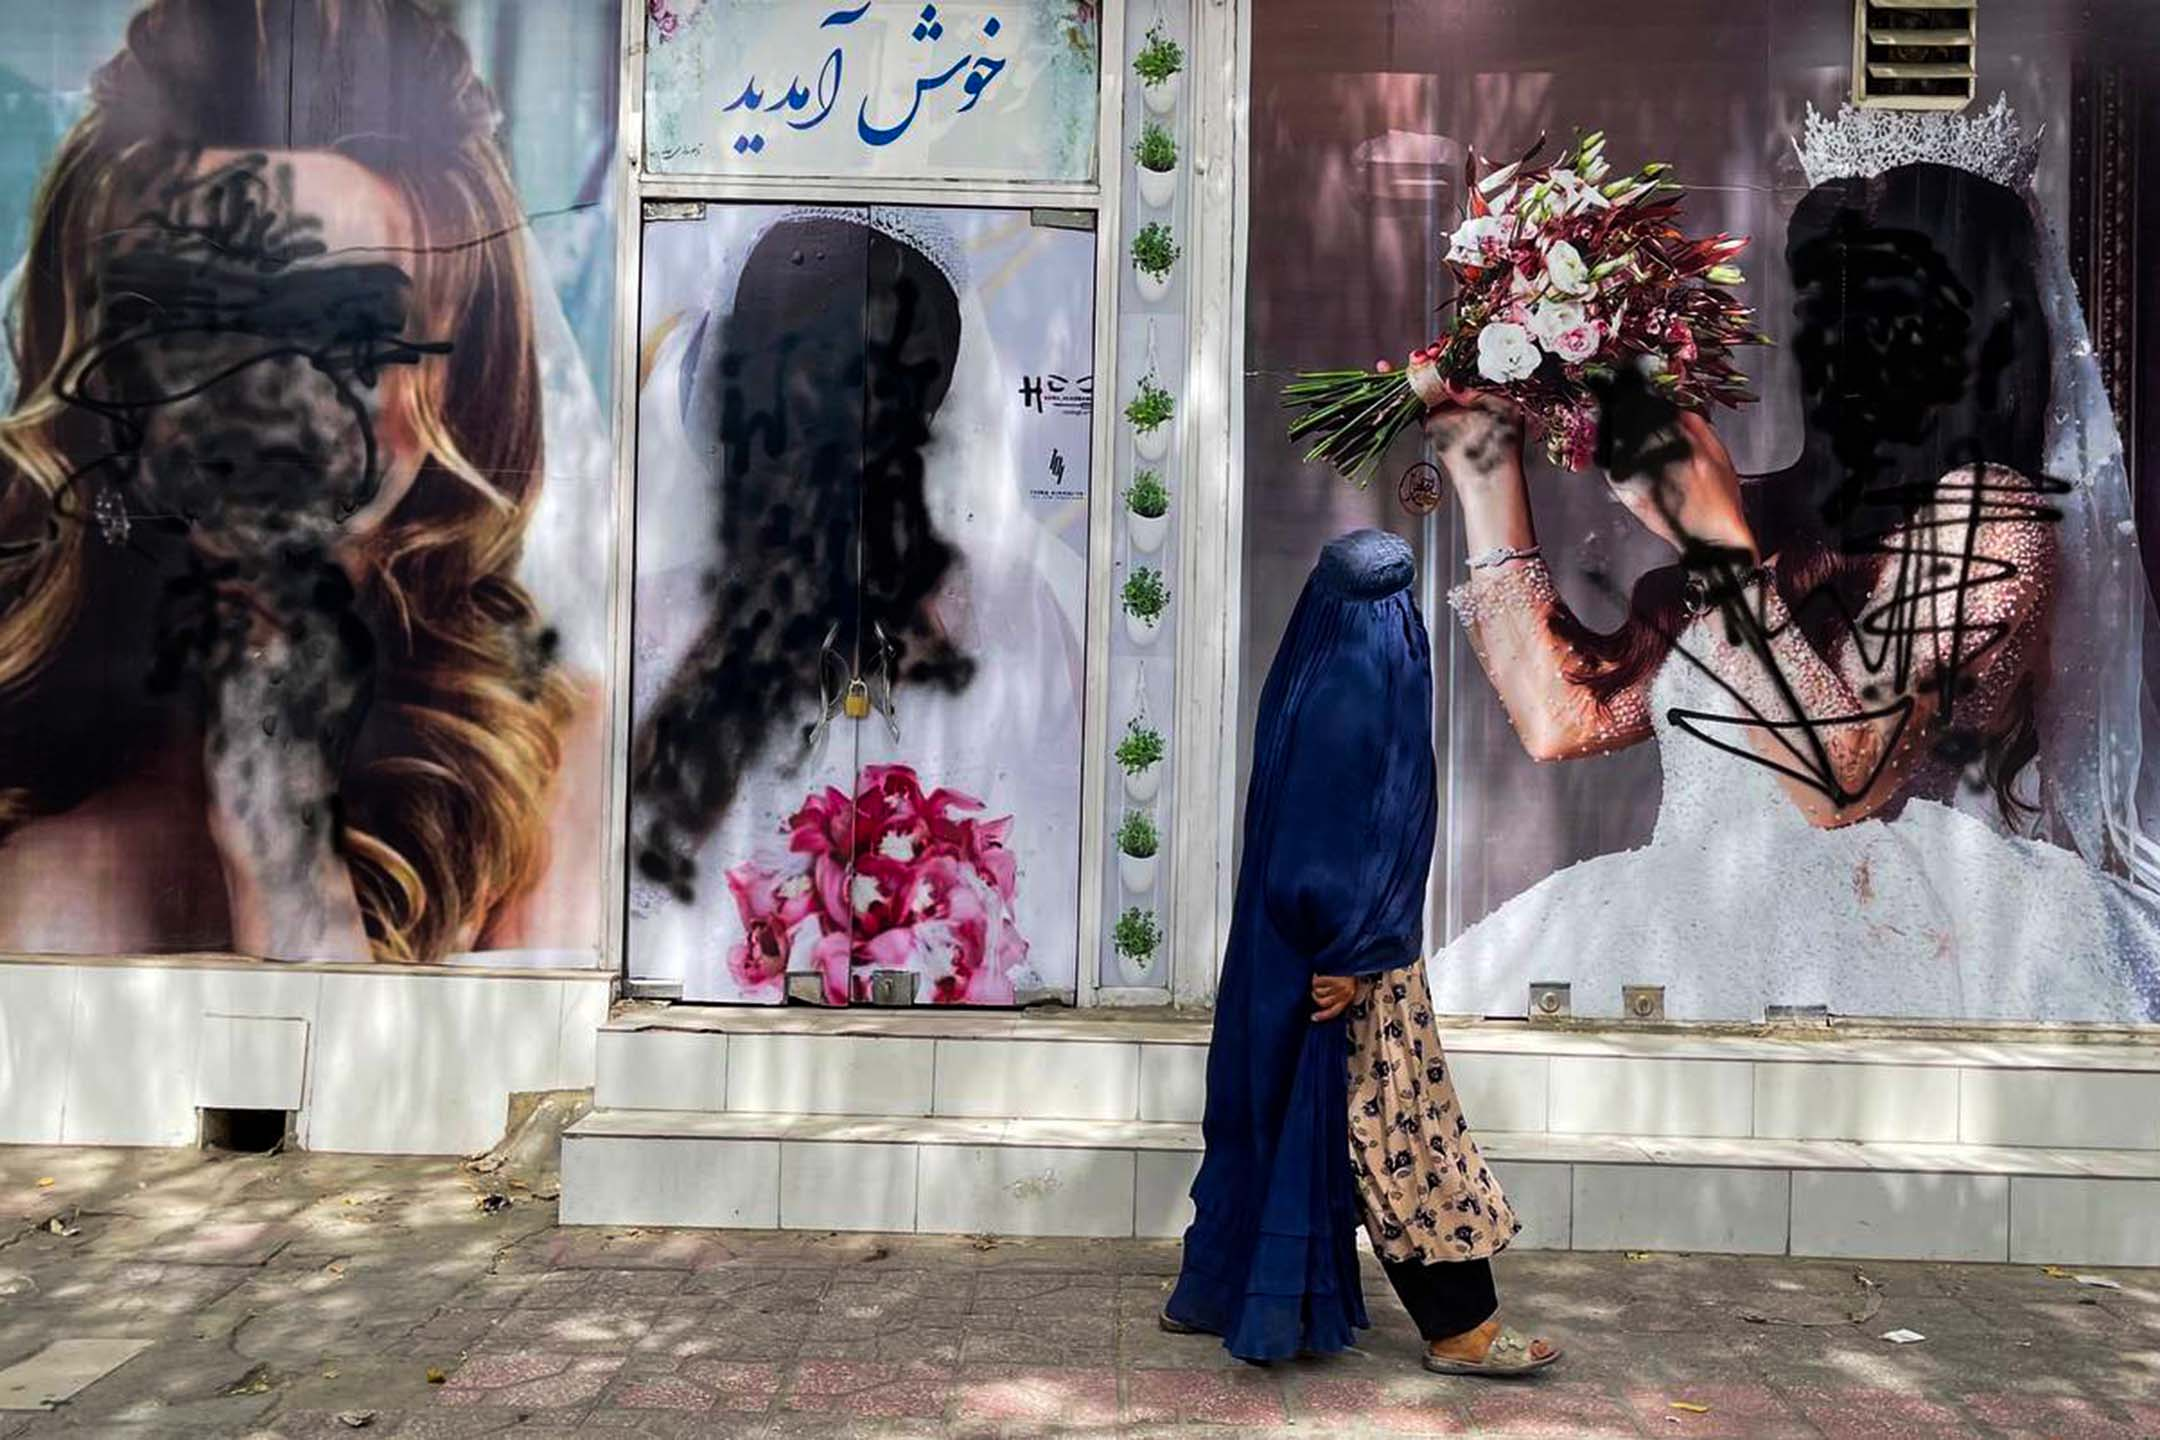 2021年8月20日阿富汗喀布爾,阿富汗喀布爾美容院窗戶上的女性海報遭到破壞。